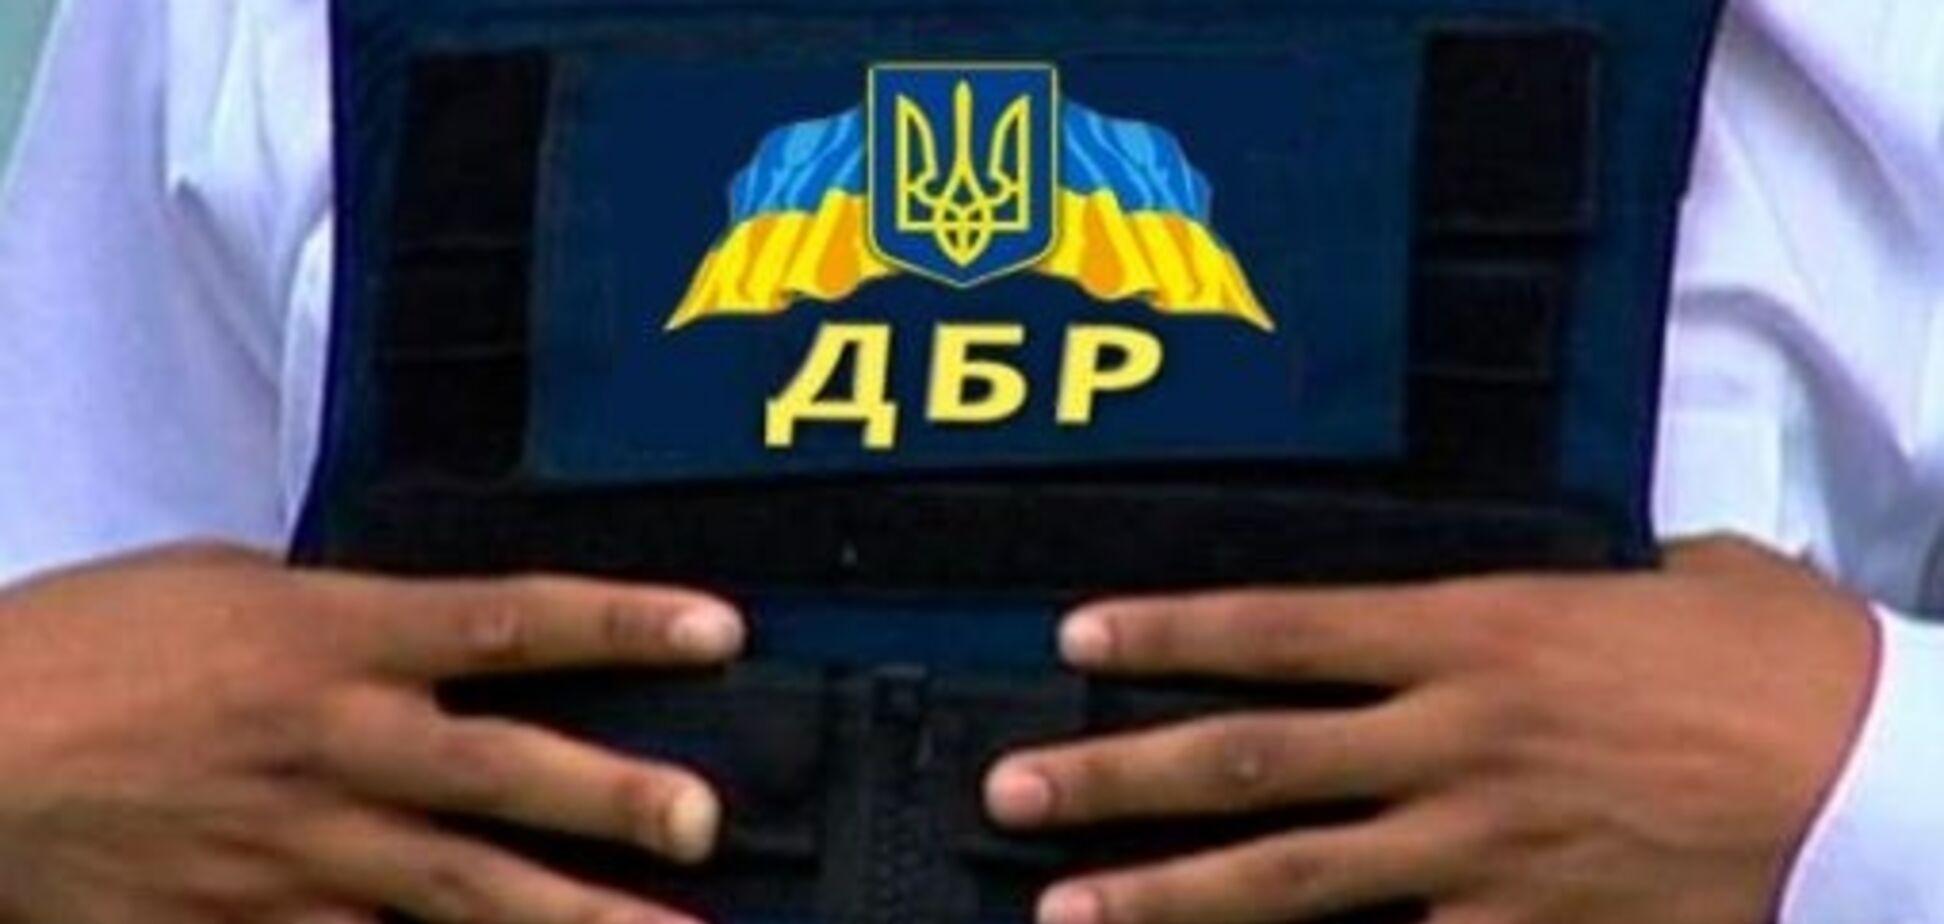 ДБР і СБУ влаштували масові обшуки на Дніпропетровщині